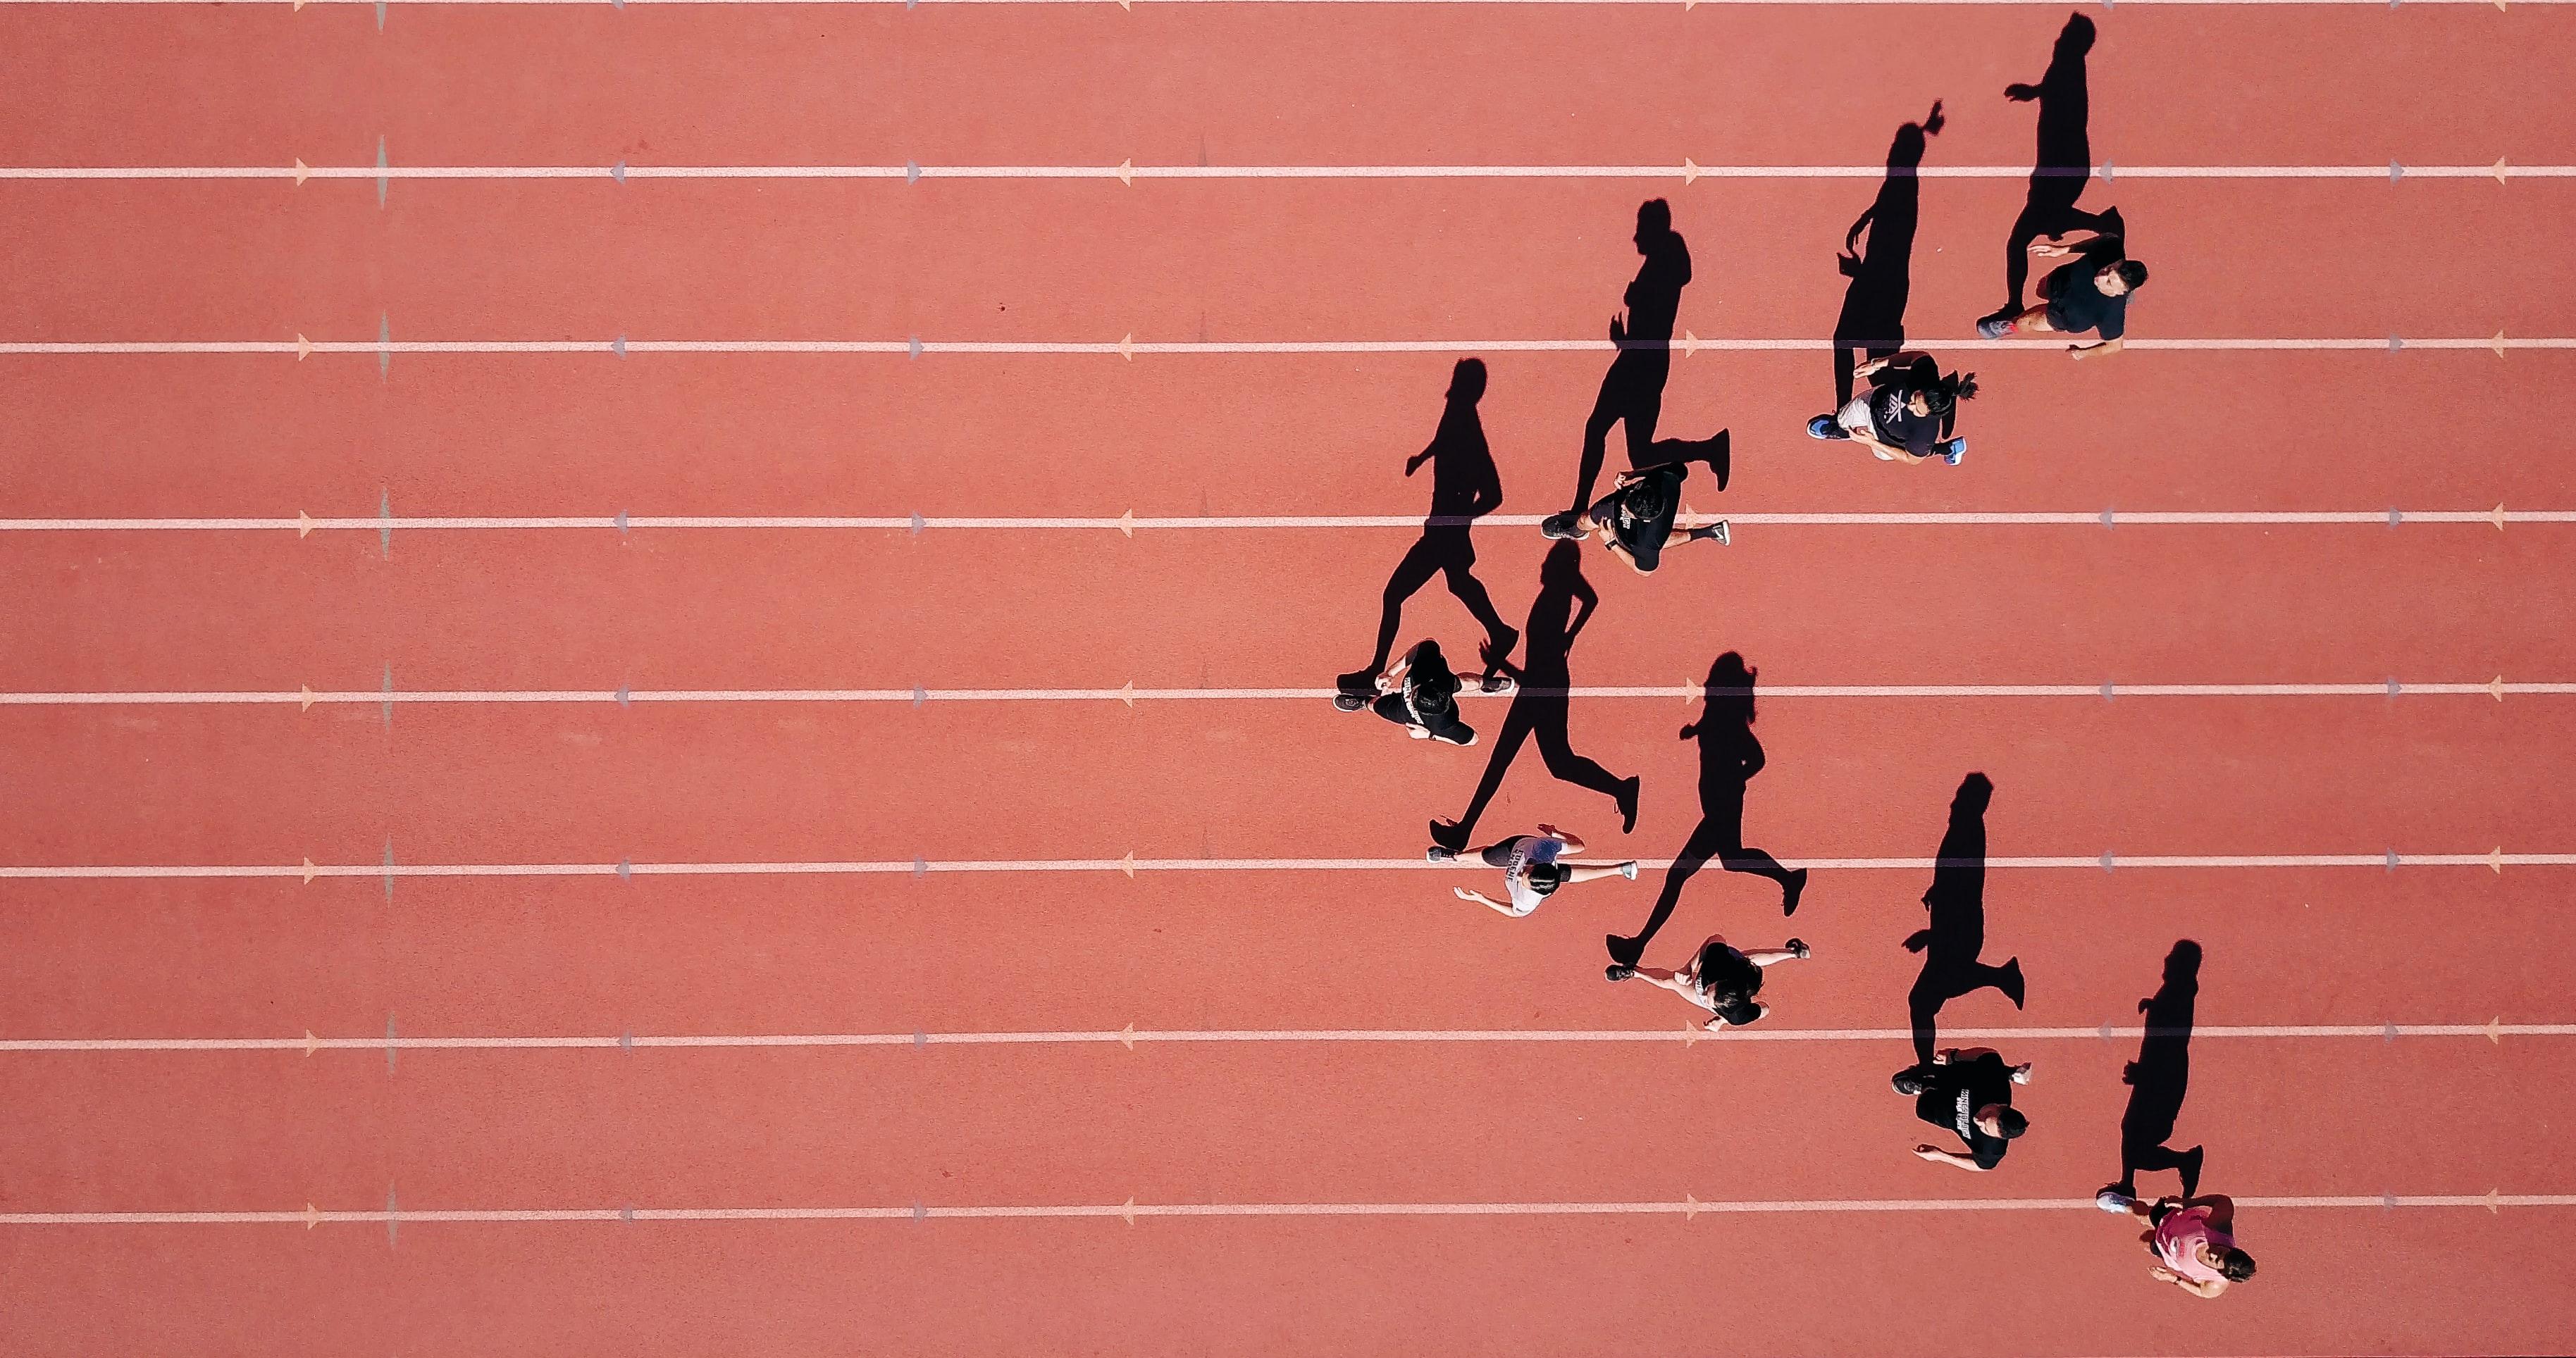 steven-lelham-sport athletics running